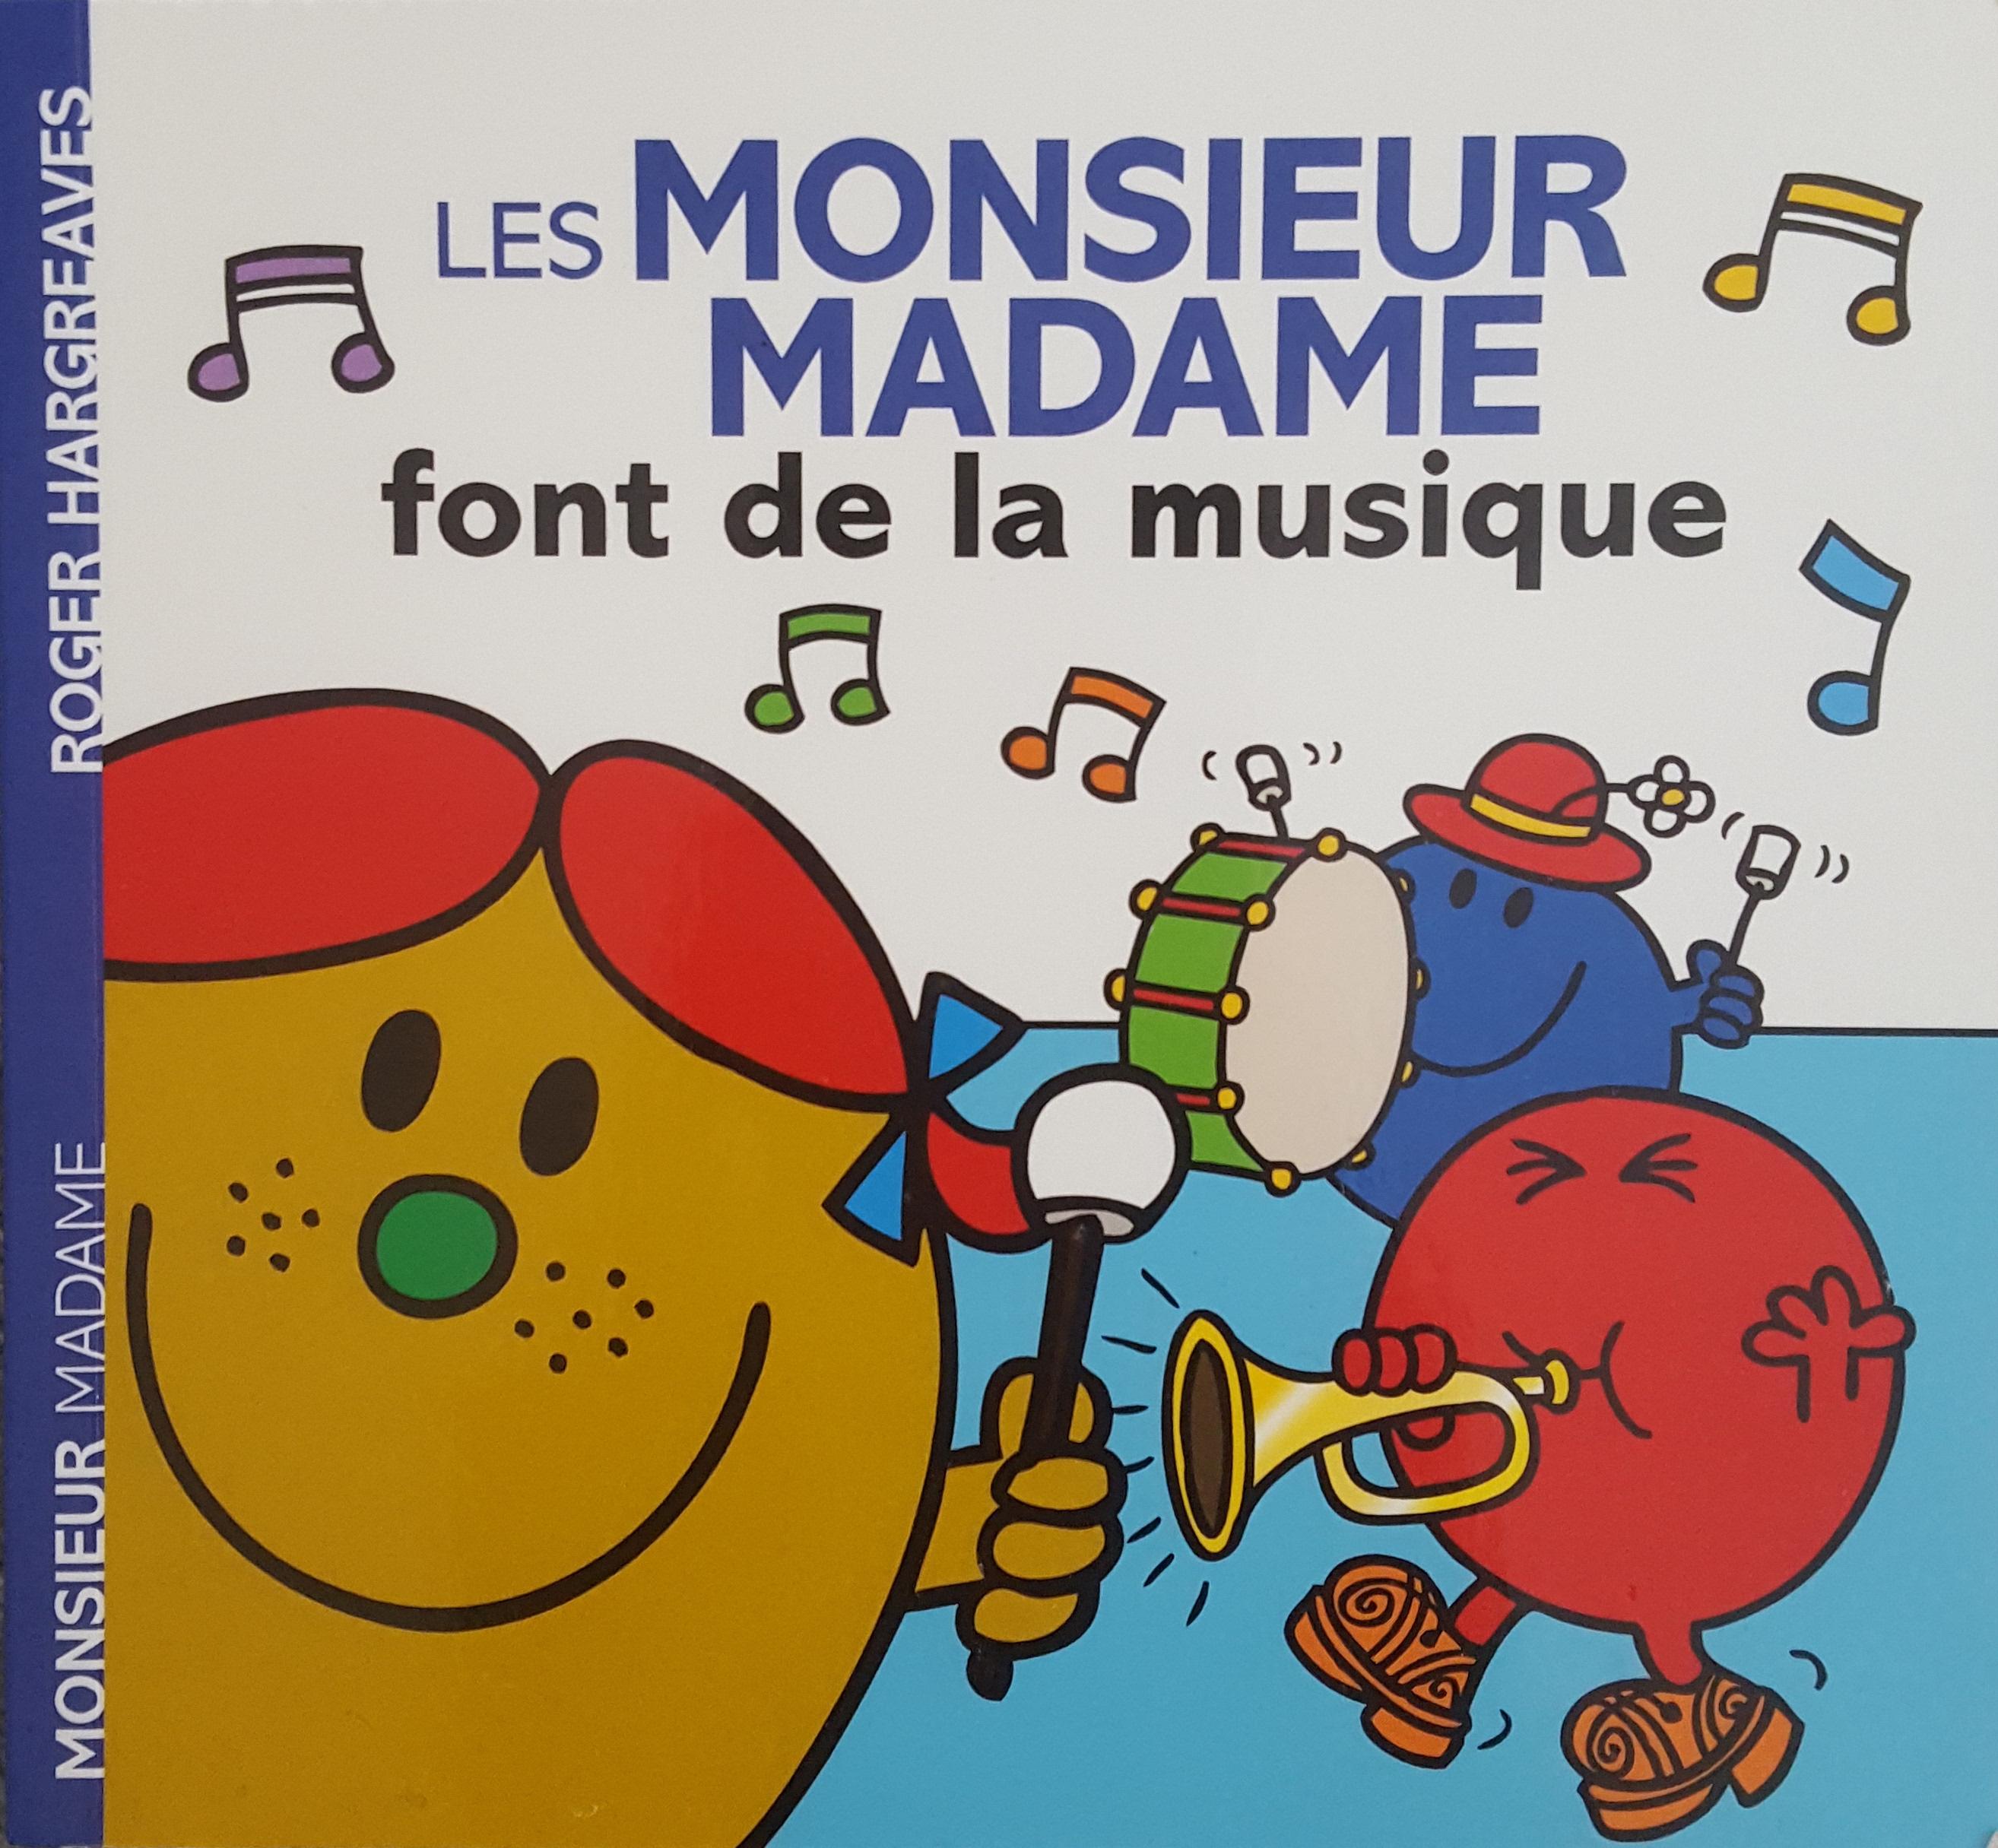 Monsieur et madame font de la musique